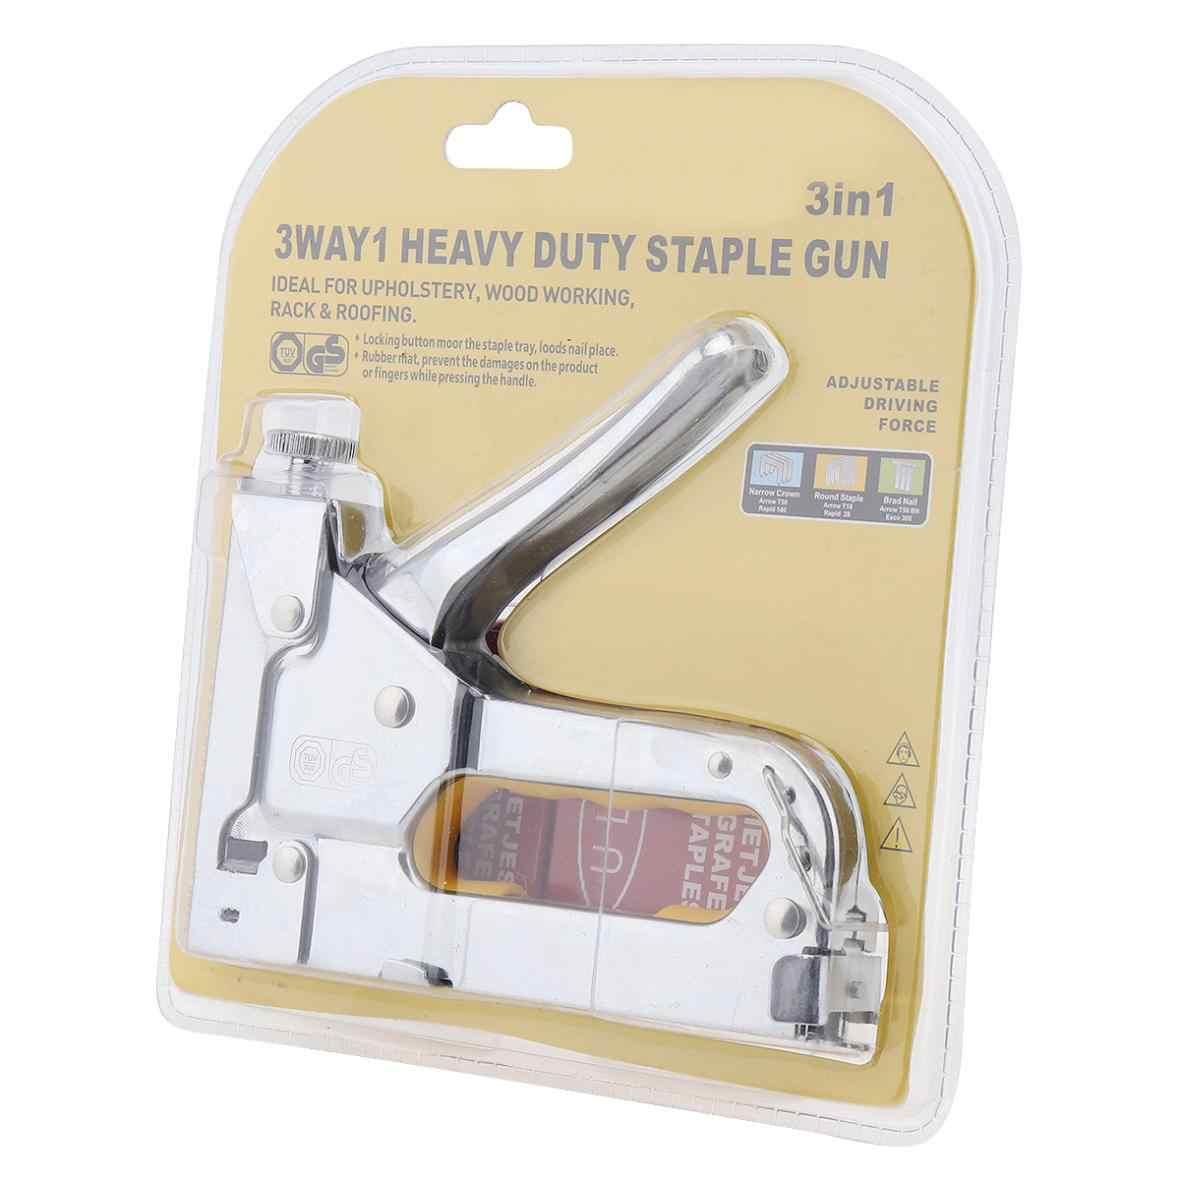 Srebrny ręczny pistolet do gwoździ trójfunkcyjny zszywacz do paznokci z 600 szt. Gwoździ do zszywacz tapicerski tapicerka narzędzia do obróbki drewna